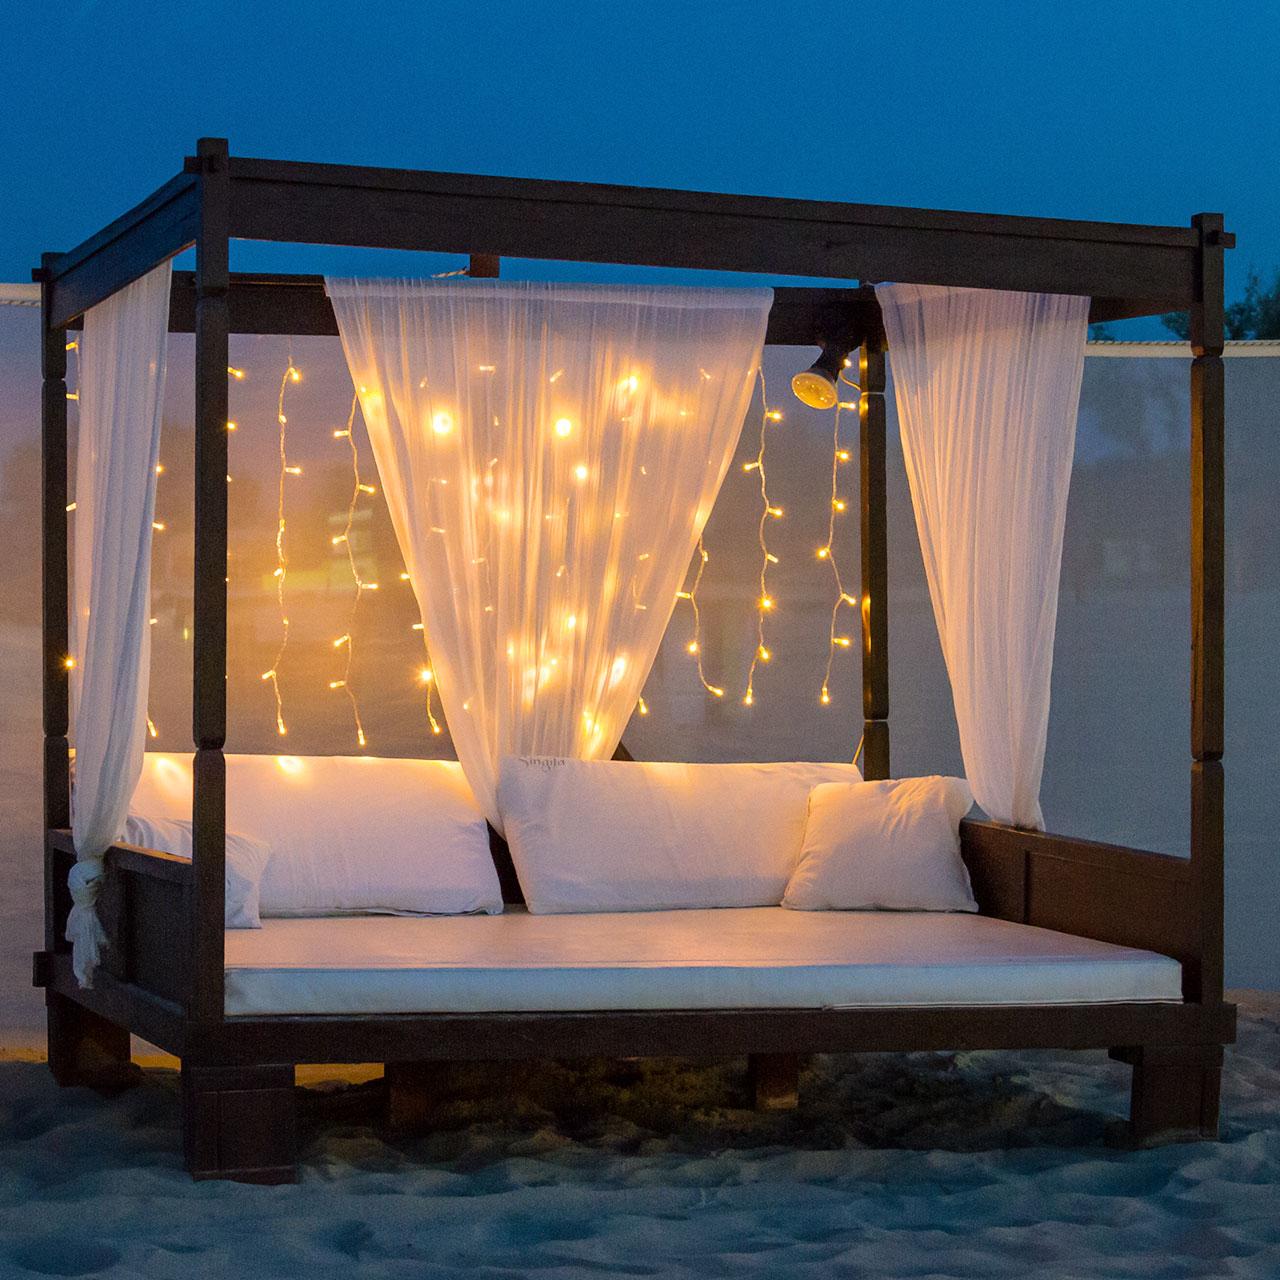 rideau electrique exterieur best rideau electrique exterieur with rideau electrique exterieur. Black Bedroom Furniture Sets. Home Design Ideas